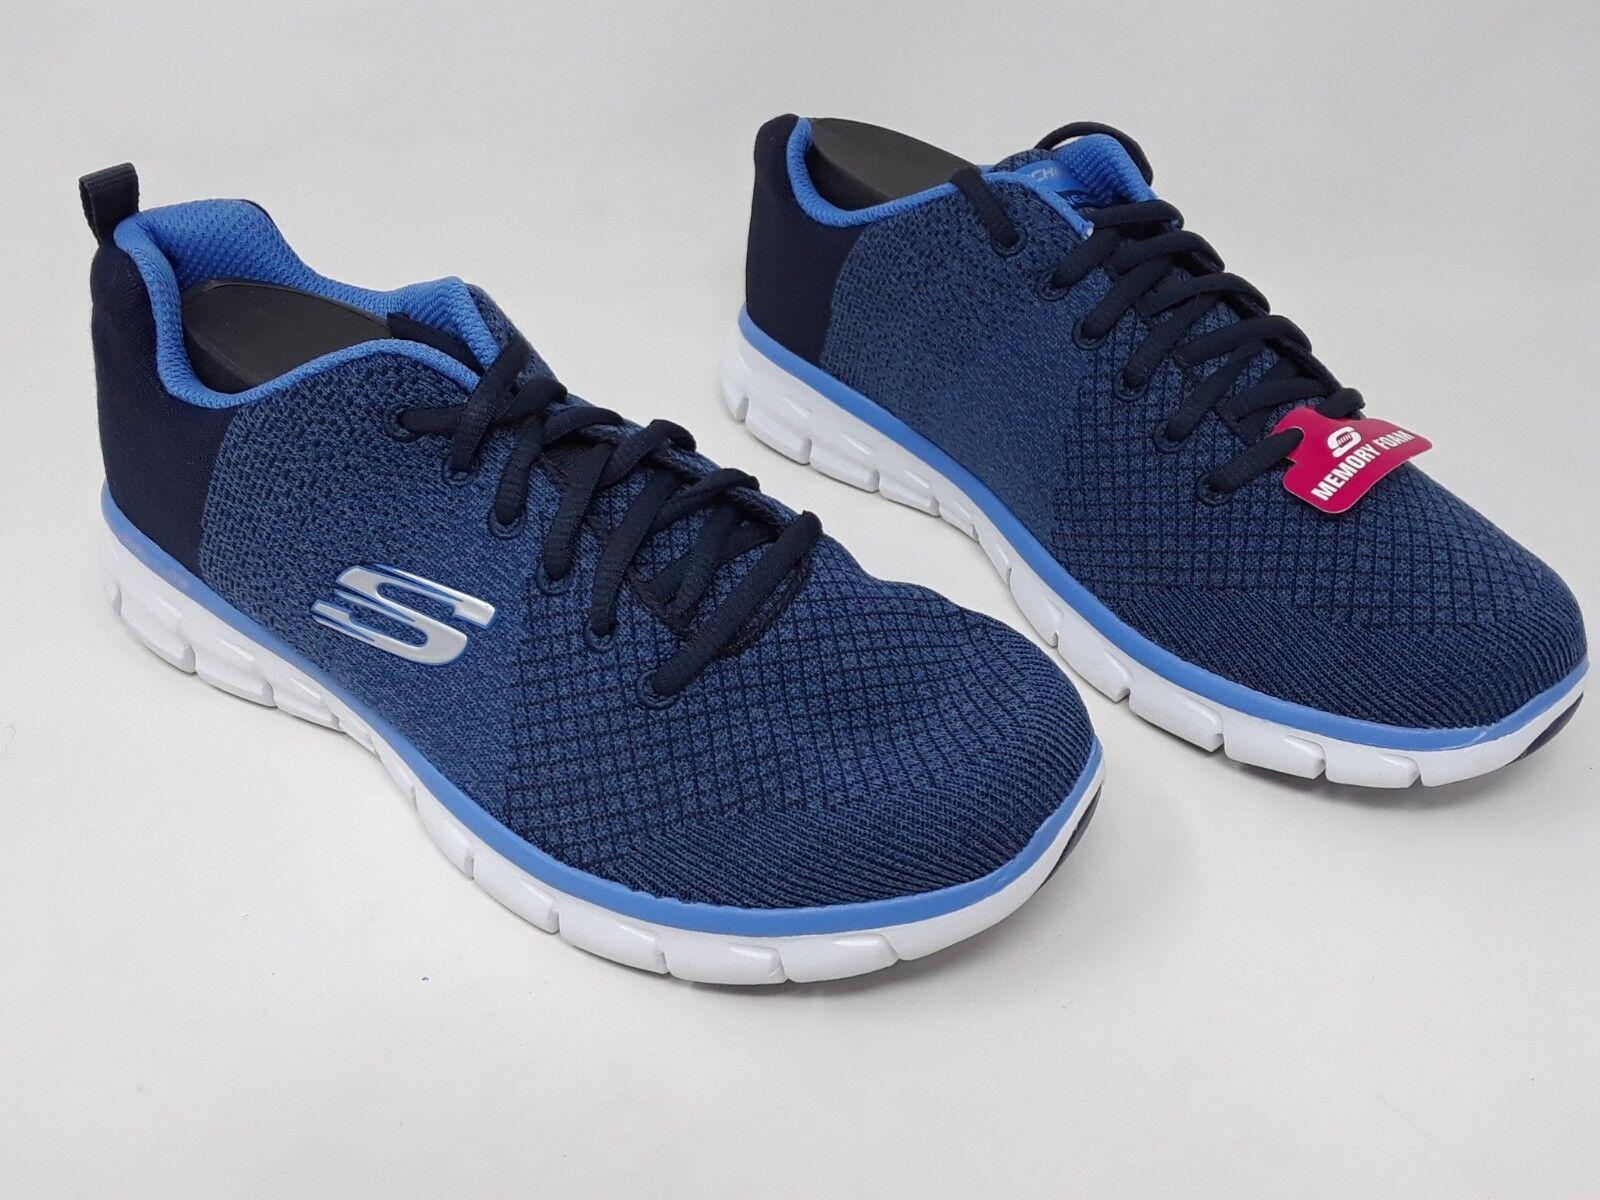 Nuevo  para mujer mujer mujer Relaxed Fit Skechers Skech Flex fuerza de vida Azul Azul Marino 12625H 62U  comprar marca